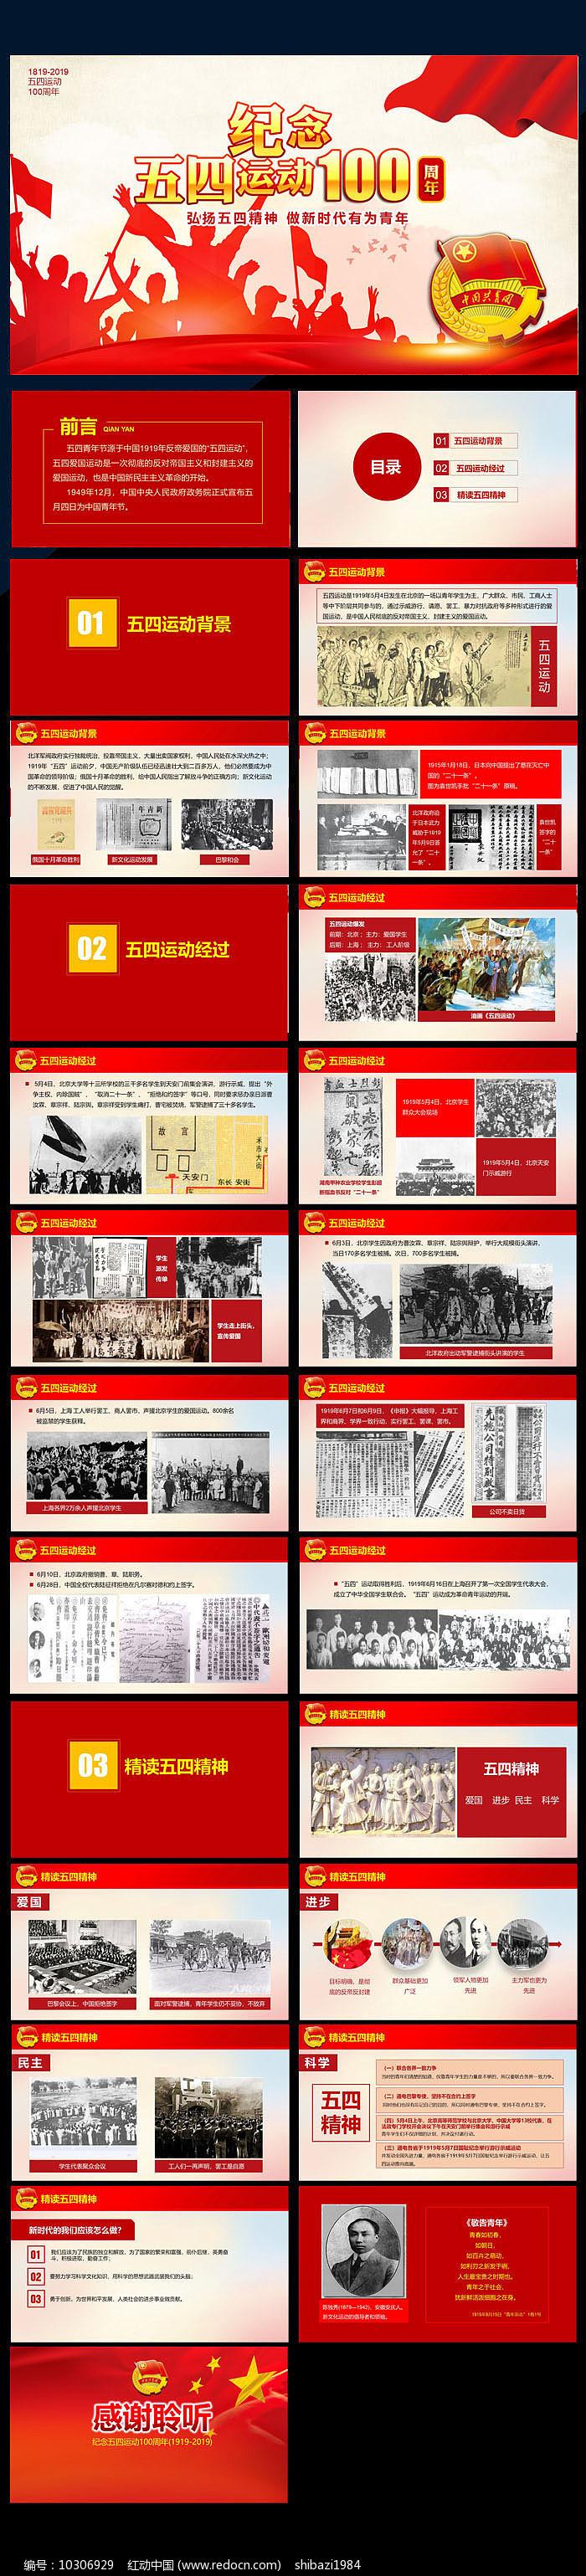 五四运动100周年团课PPT图片